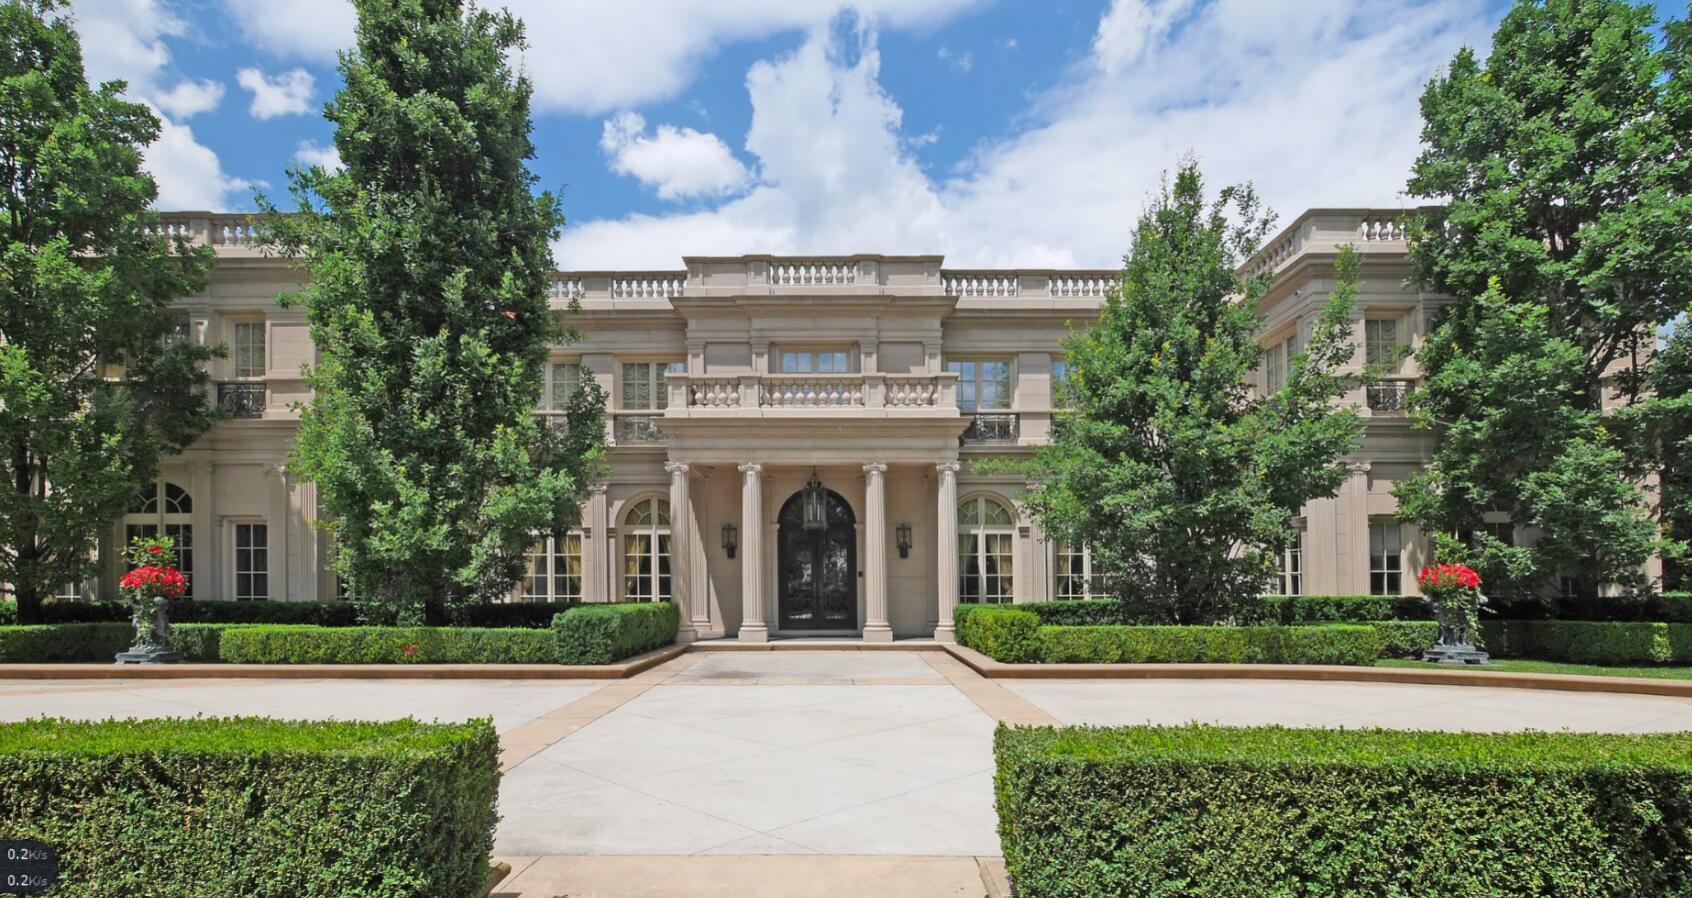 这套豪宅是新古典主义的杰作,位于奥克维尔最理想的东南区